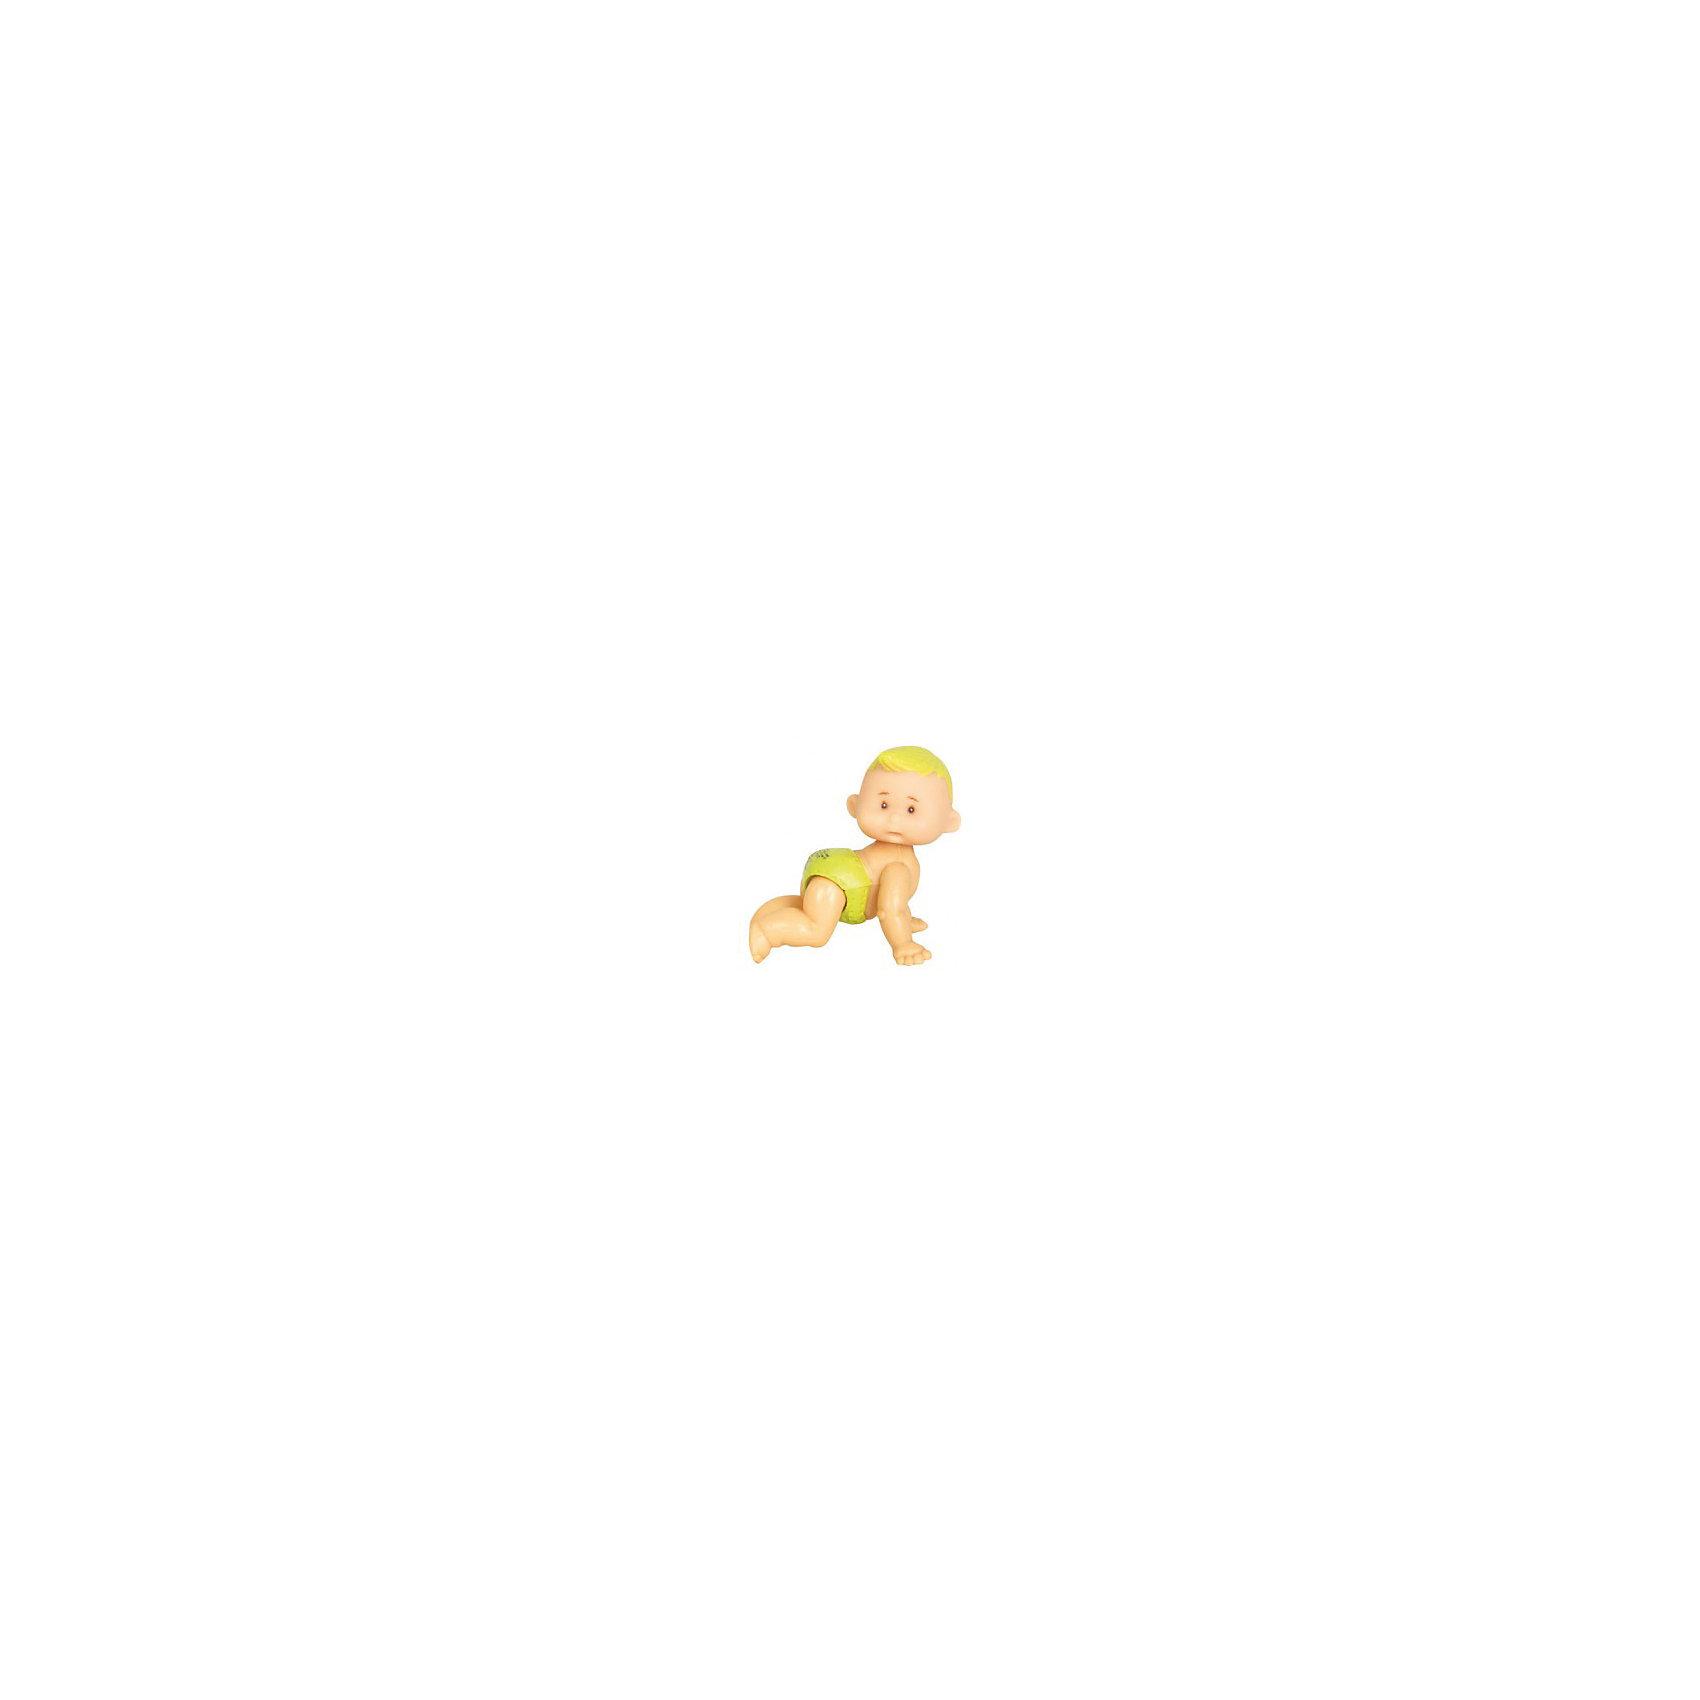 Пупс Антон Дыня, 7см, YogurtinisКуклы-пупсы<br>Милый пупс Антон Дыня не оставит ребенка равнодушным. Ножки и ручки игрушки подвижны.  Оригинальное личико, необычное имя и приятный запах фруктового йогурта вызовут море позитивных эмоций у малыша.<br><br>Дополнительная информация:<br>Материал: пластик, ароматизатор<br>Высота пупса: 7 см<br>Пупса Антон Дыня можно приобрести в нашем интернет-магазине.<br><br>Ширина мм: 75<br>Глубина мм: 75<br>Высота мм: 70<br>Вес г: 20<br>Возраст от месяцев: 36<br>Возраст до месяцев: 84<br>Пол: Женский<br>Возраст: Детский<br>SKU: 4944588